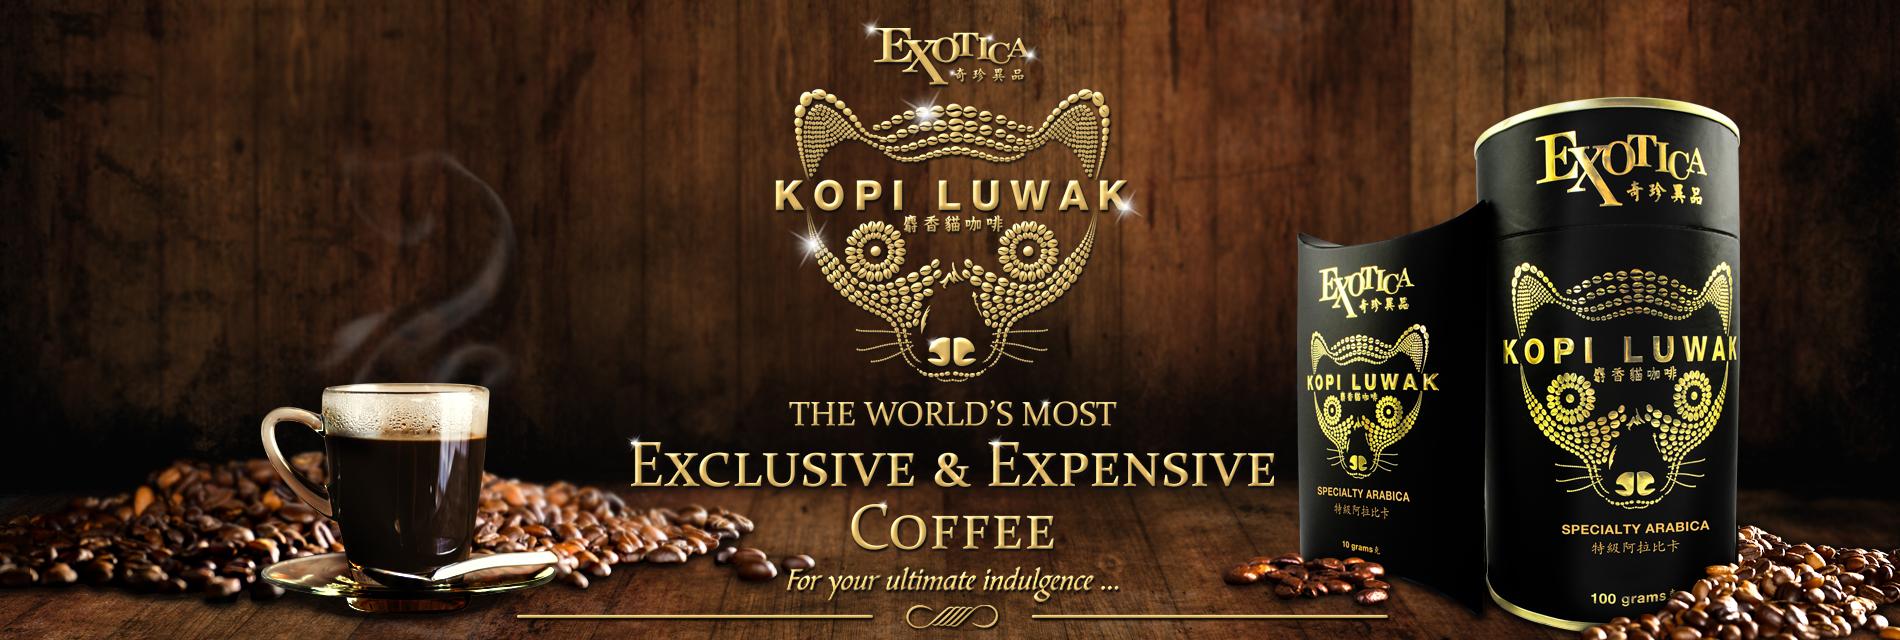 Exotica Kopi Luwak Banner